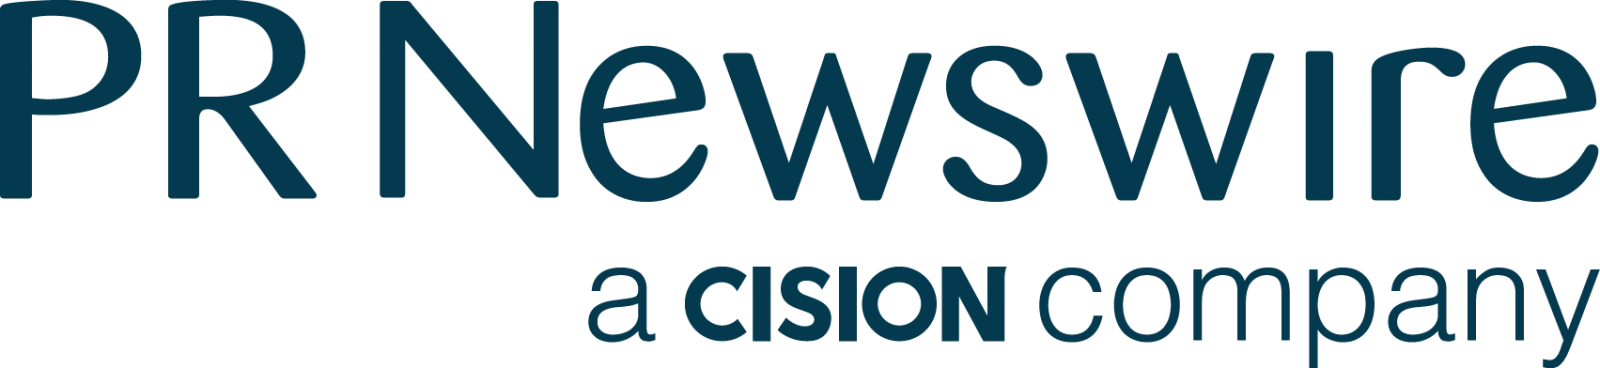 prnasia_geoswift_logo